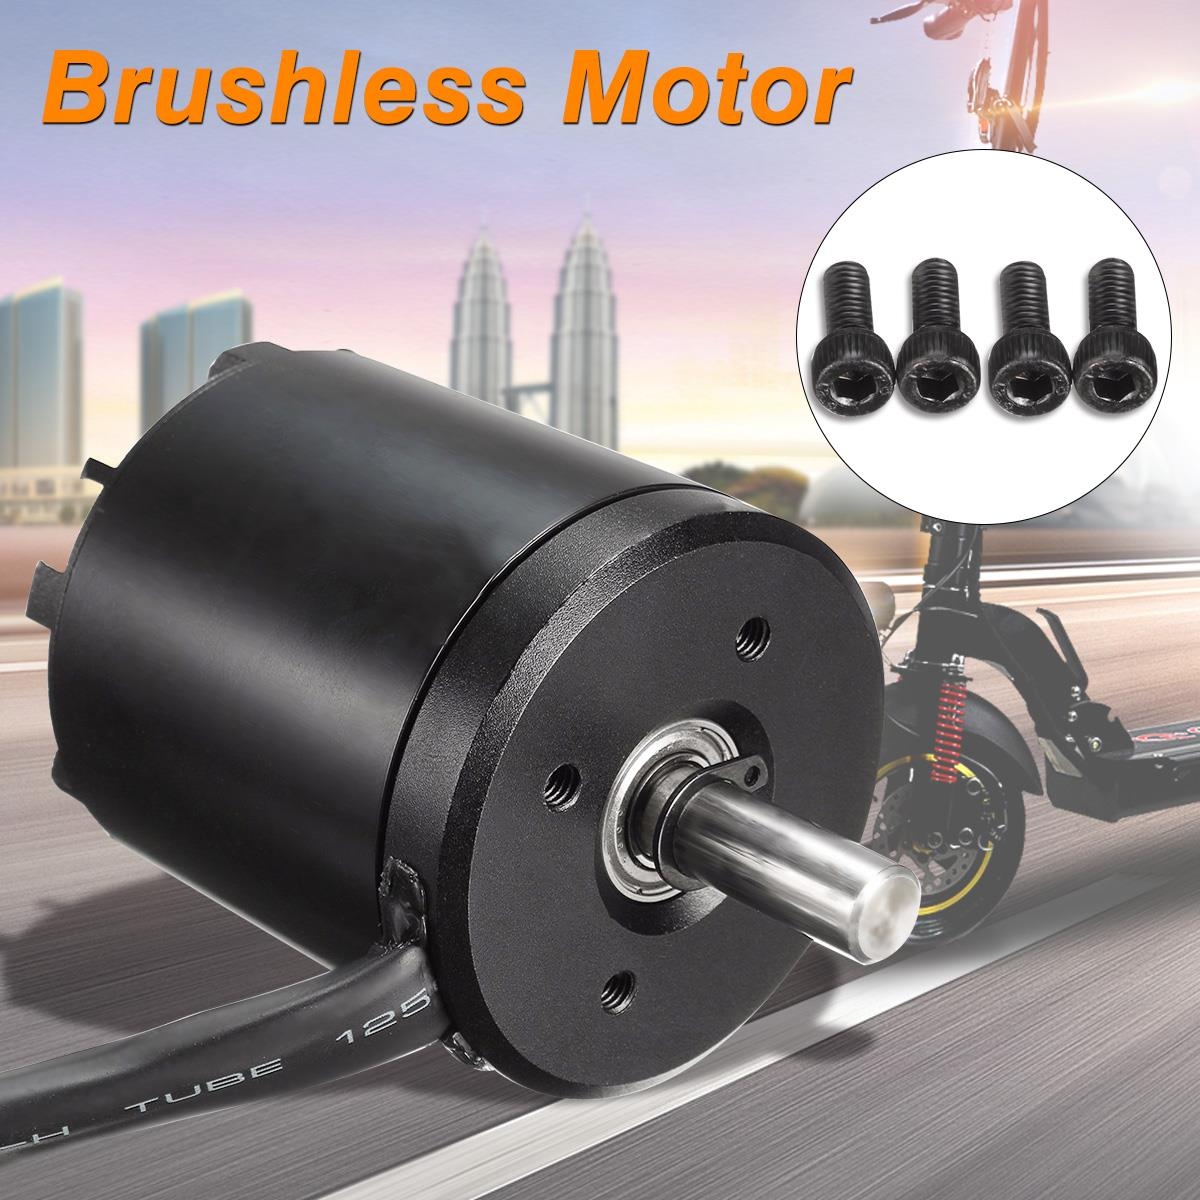 2.6KG 3-8S N5065 5065 270KV Brushless Sensored Motor For Electric Skate Scooter Motor Accessories